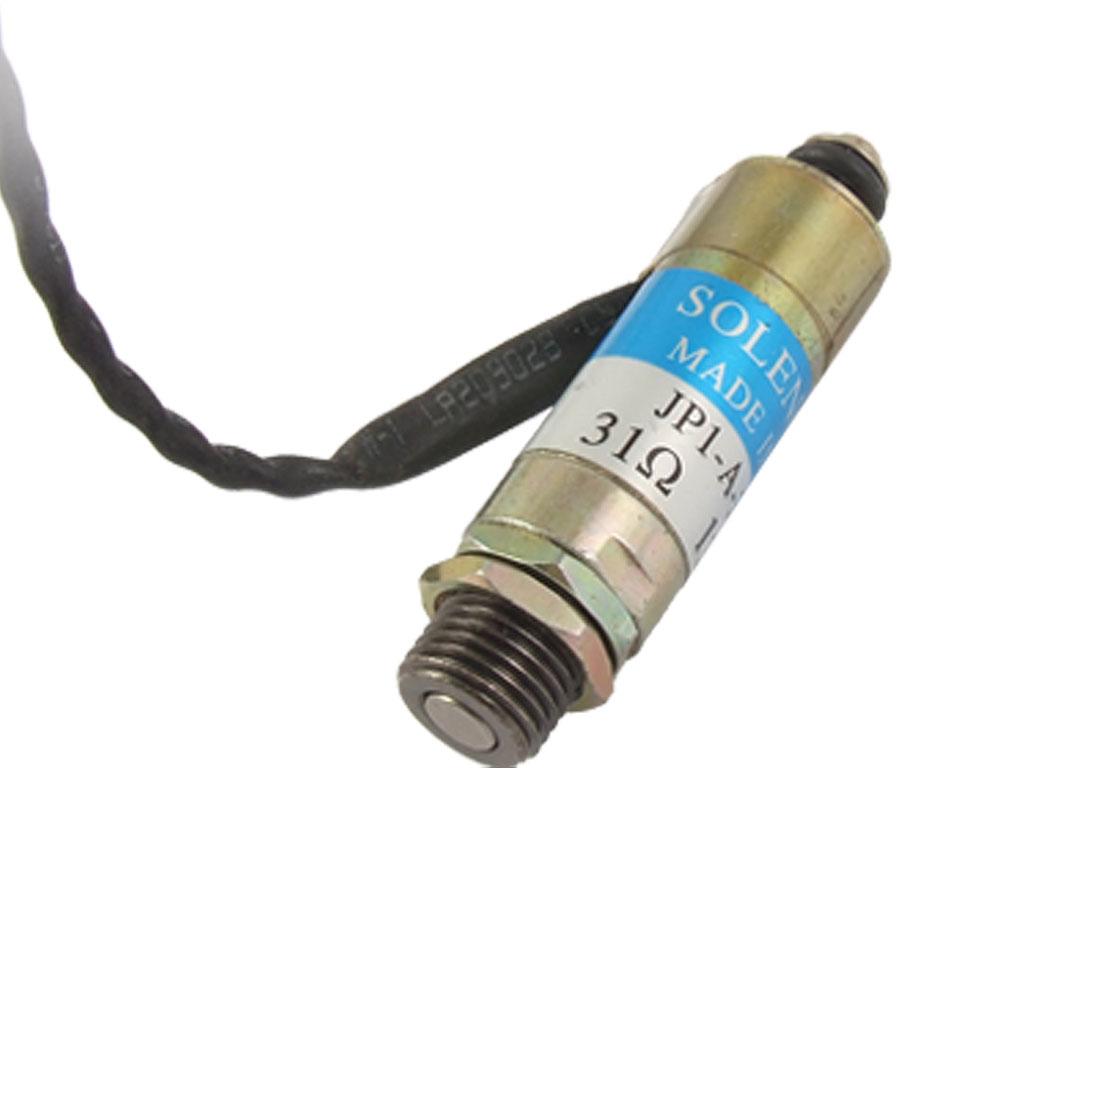 4mm Stroke Tubular Type Solenoid Electromagnet DC 24V 0.7A